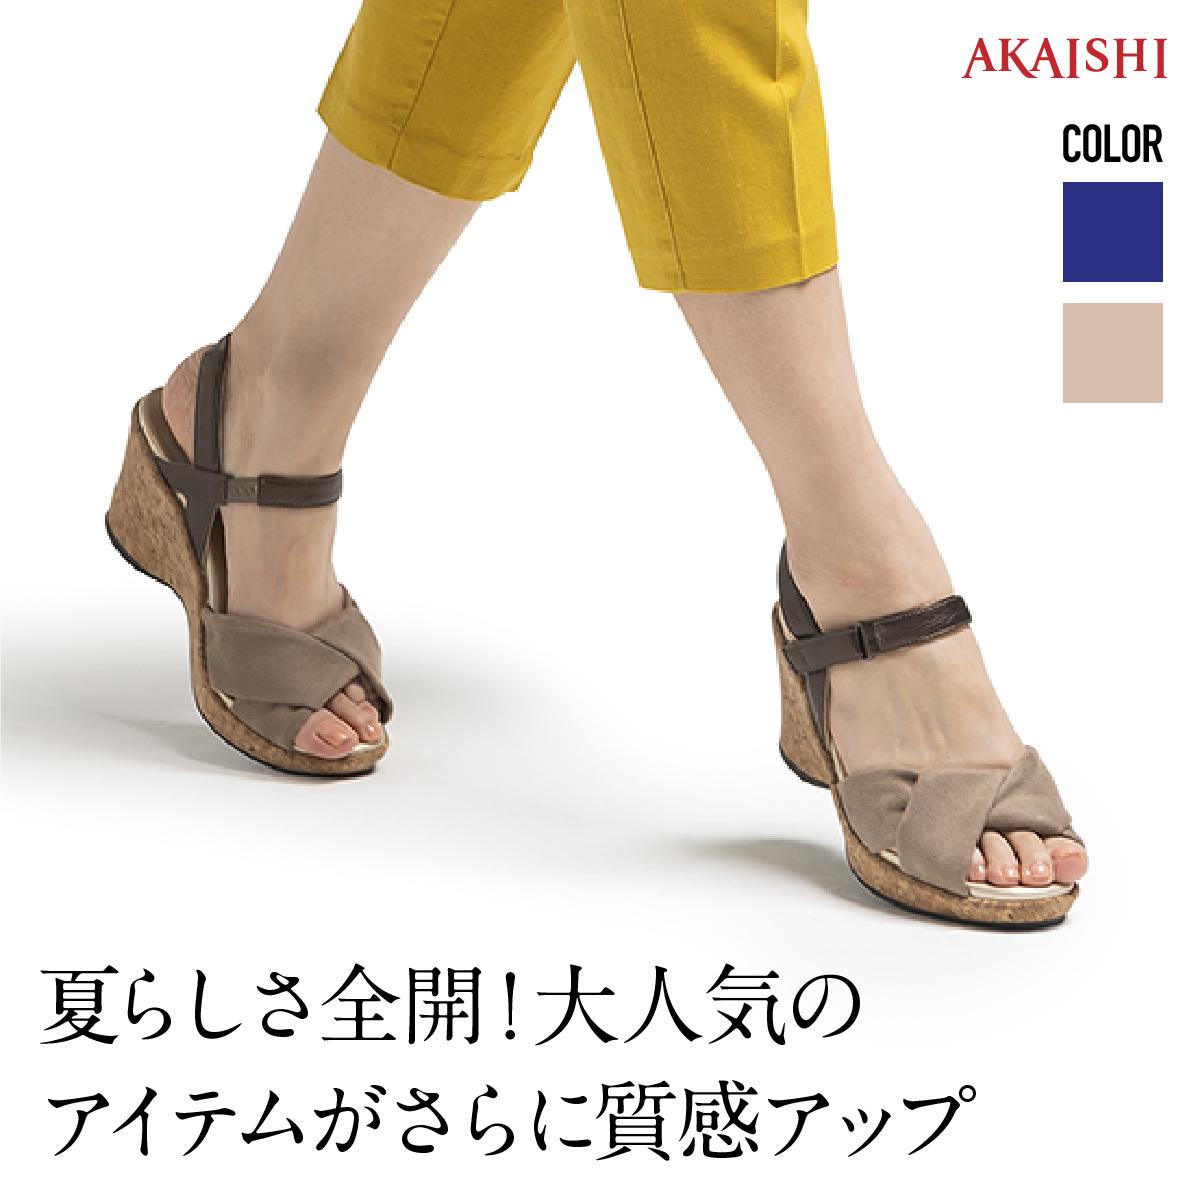 【新商品】【AKAISHI市場店】アーチフィッター113ツイストベルト夏を楽しむプラス7cmの美脚サンダル7cmヒールでもローヒールと同じ履き心地!毎年売り切れ必至!